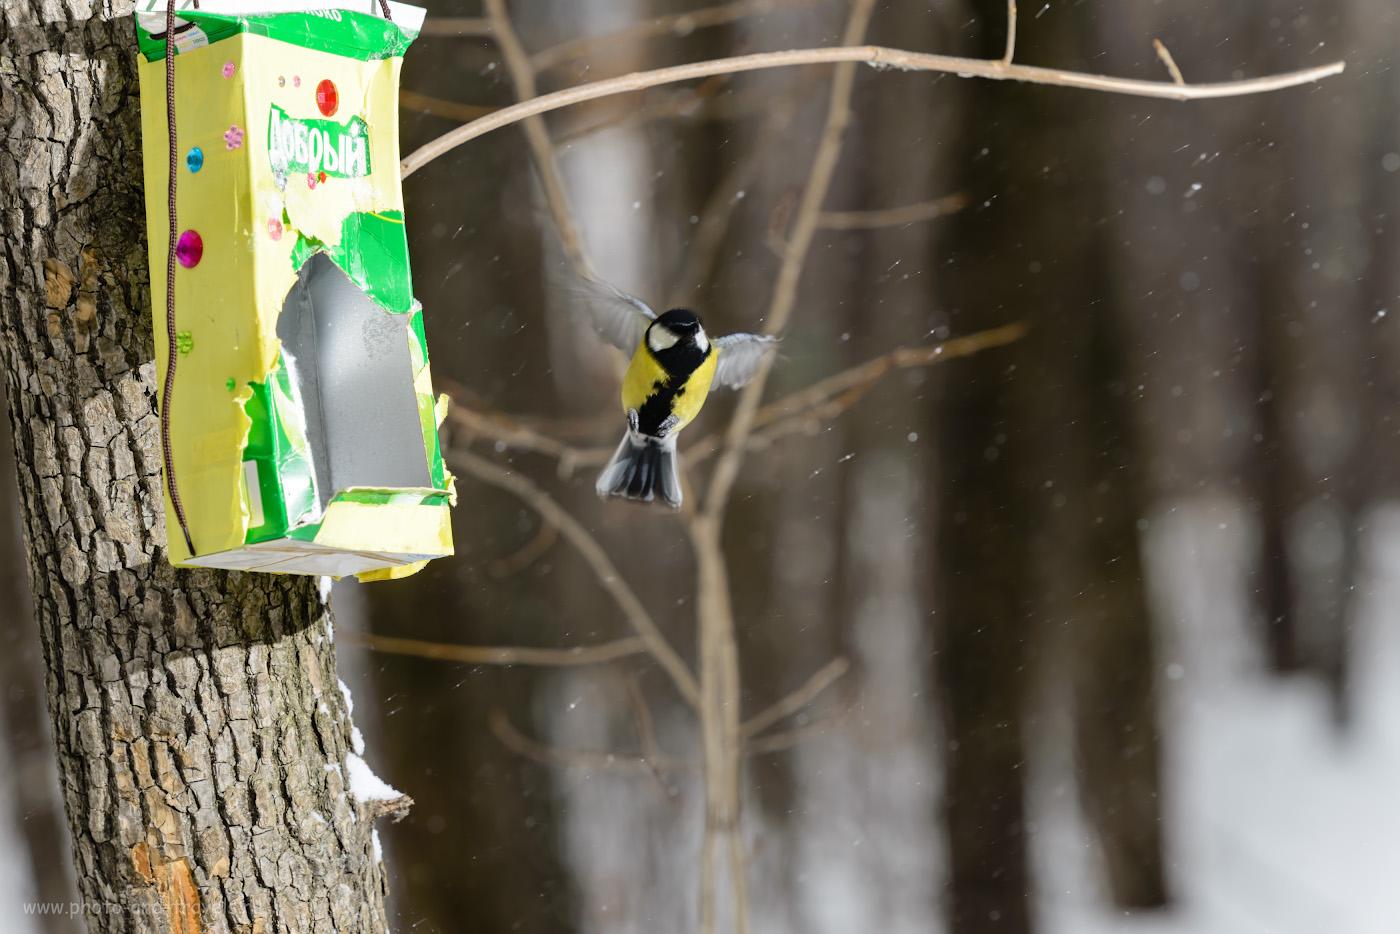 Фотография 8. Пробуем снимать птиц в полете, освещая их внешней вспышкой Yongnuo YN-685N. Камера Никон 70-200/2.8 и телеконвертер Никон TC-14E2. Управление от контроллера Yongnuo YN-622N-TX. Настройки: 1/200, 6.3, 100, 210.